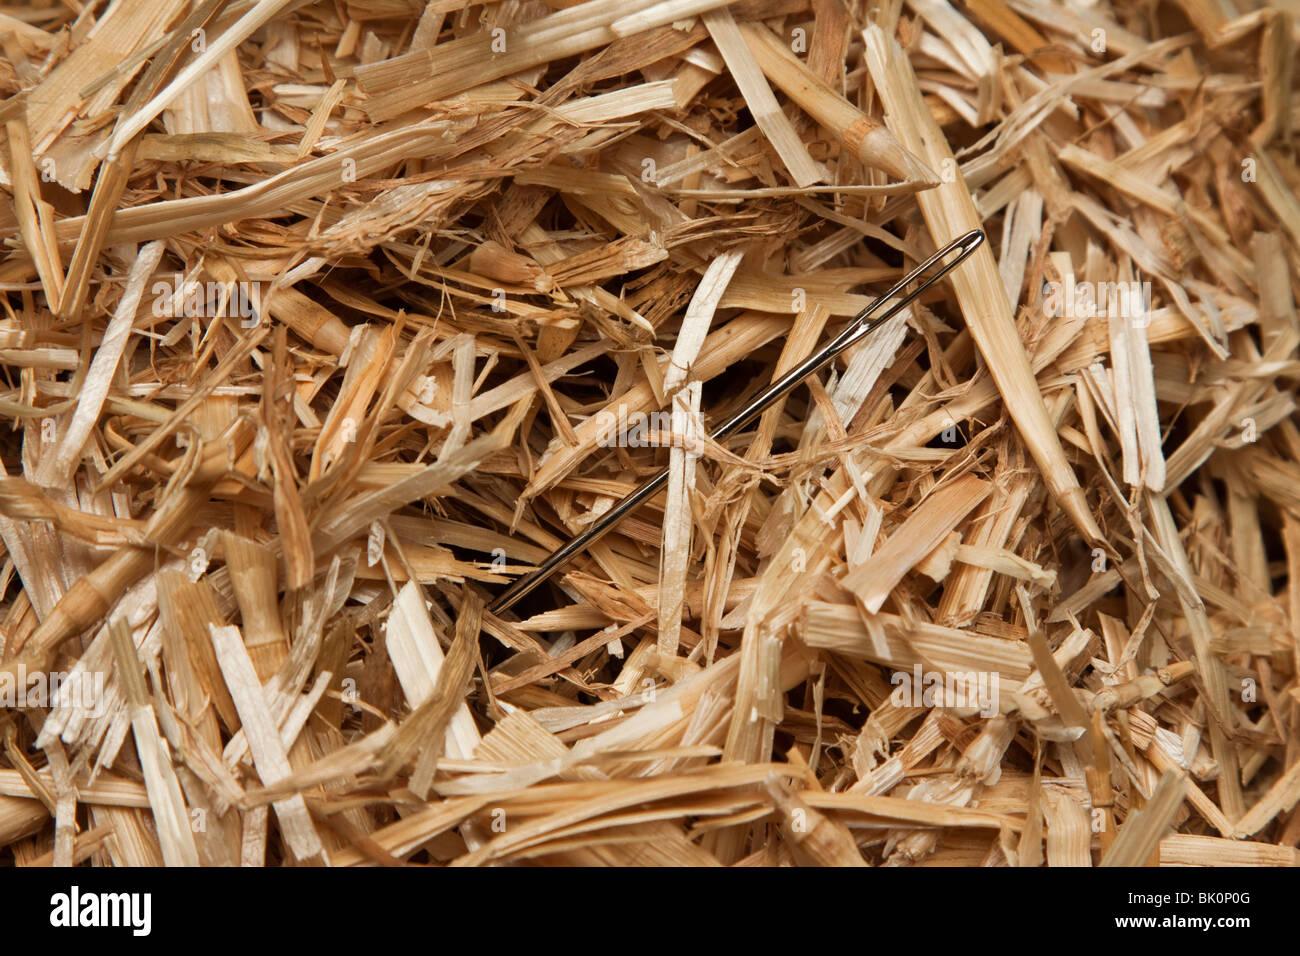 La aguja en la pila de heno o paja Imagen De Stock